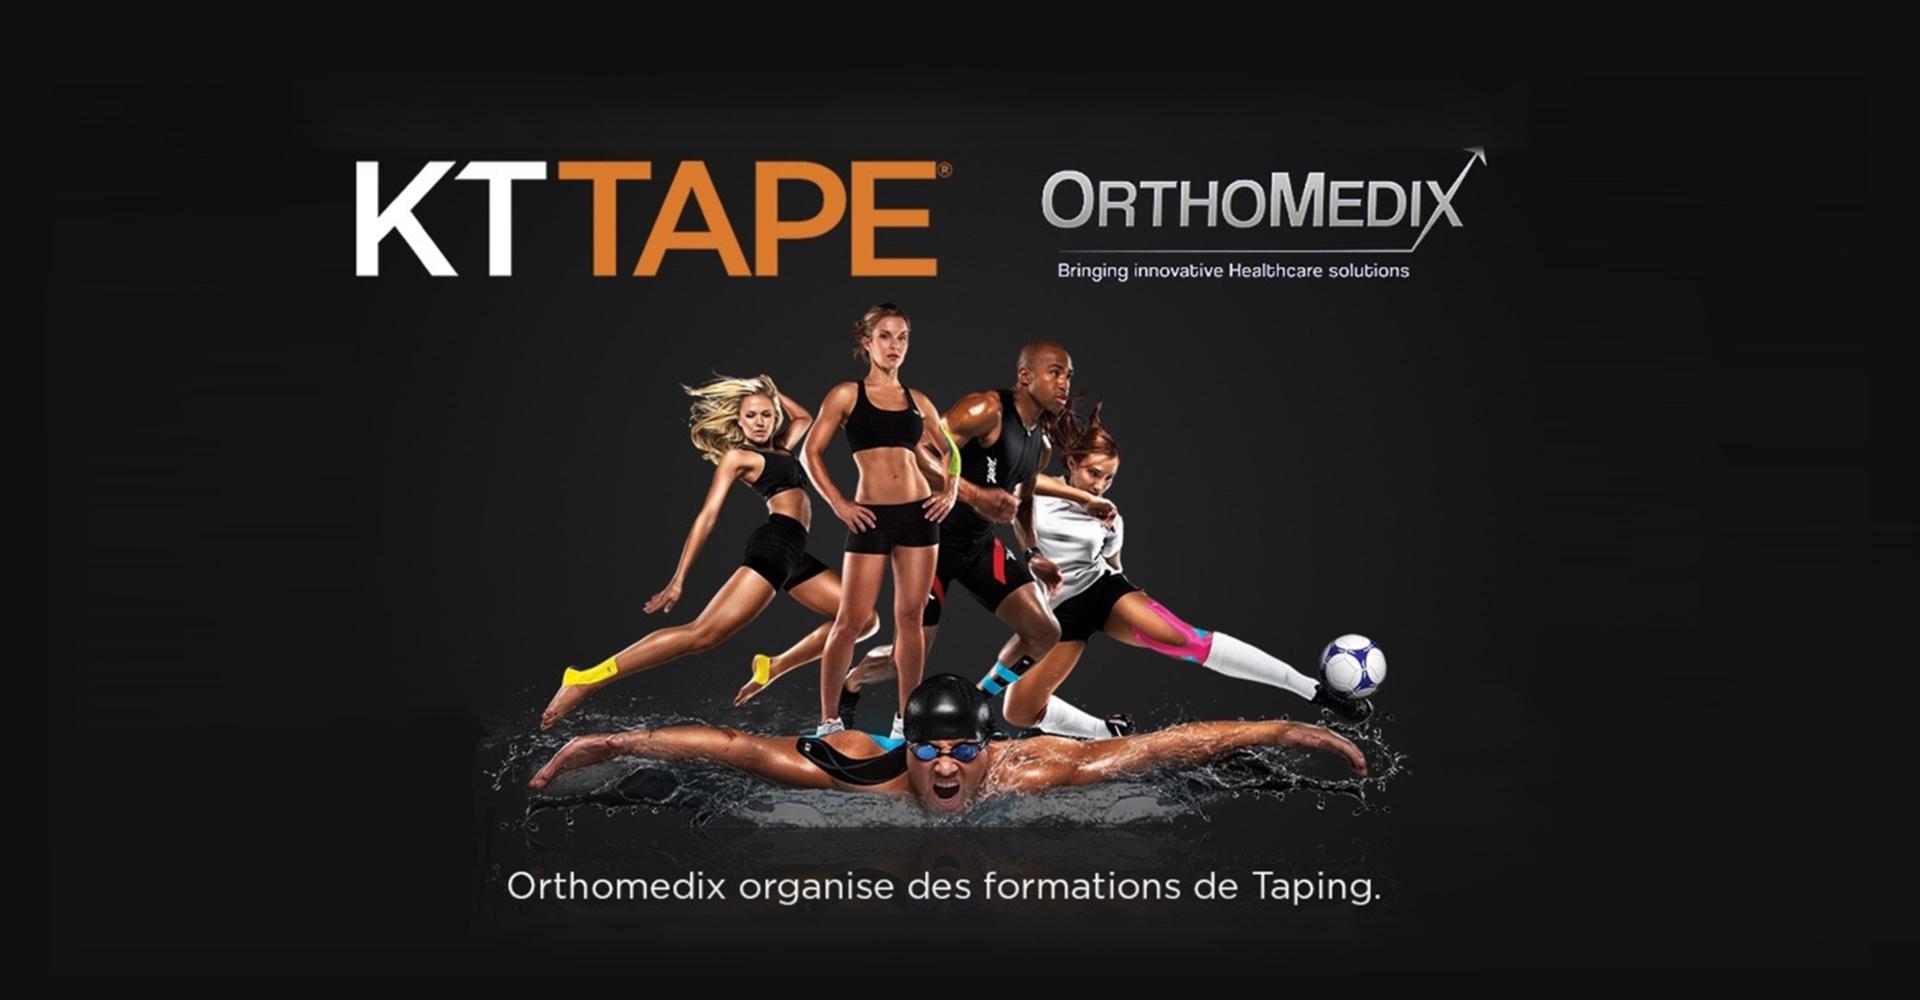 diapo3-kt-tape